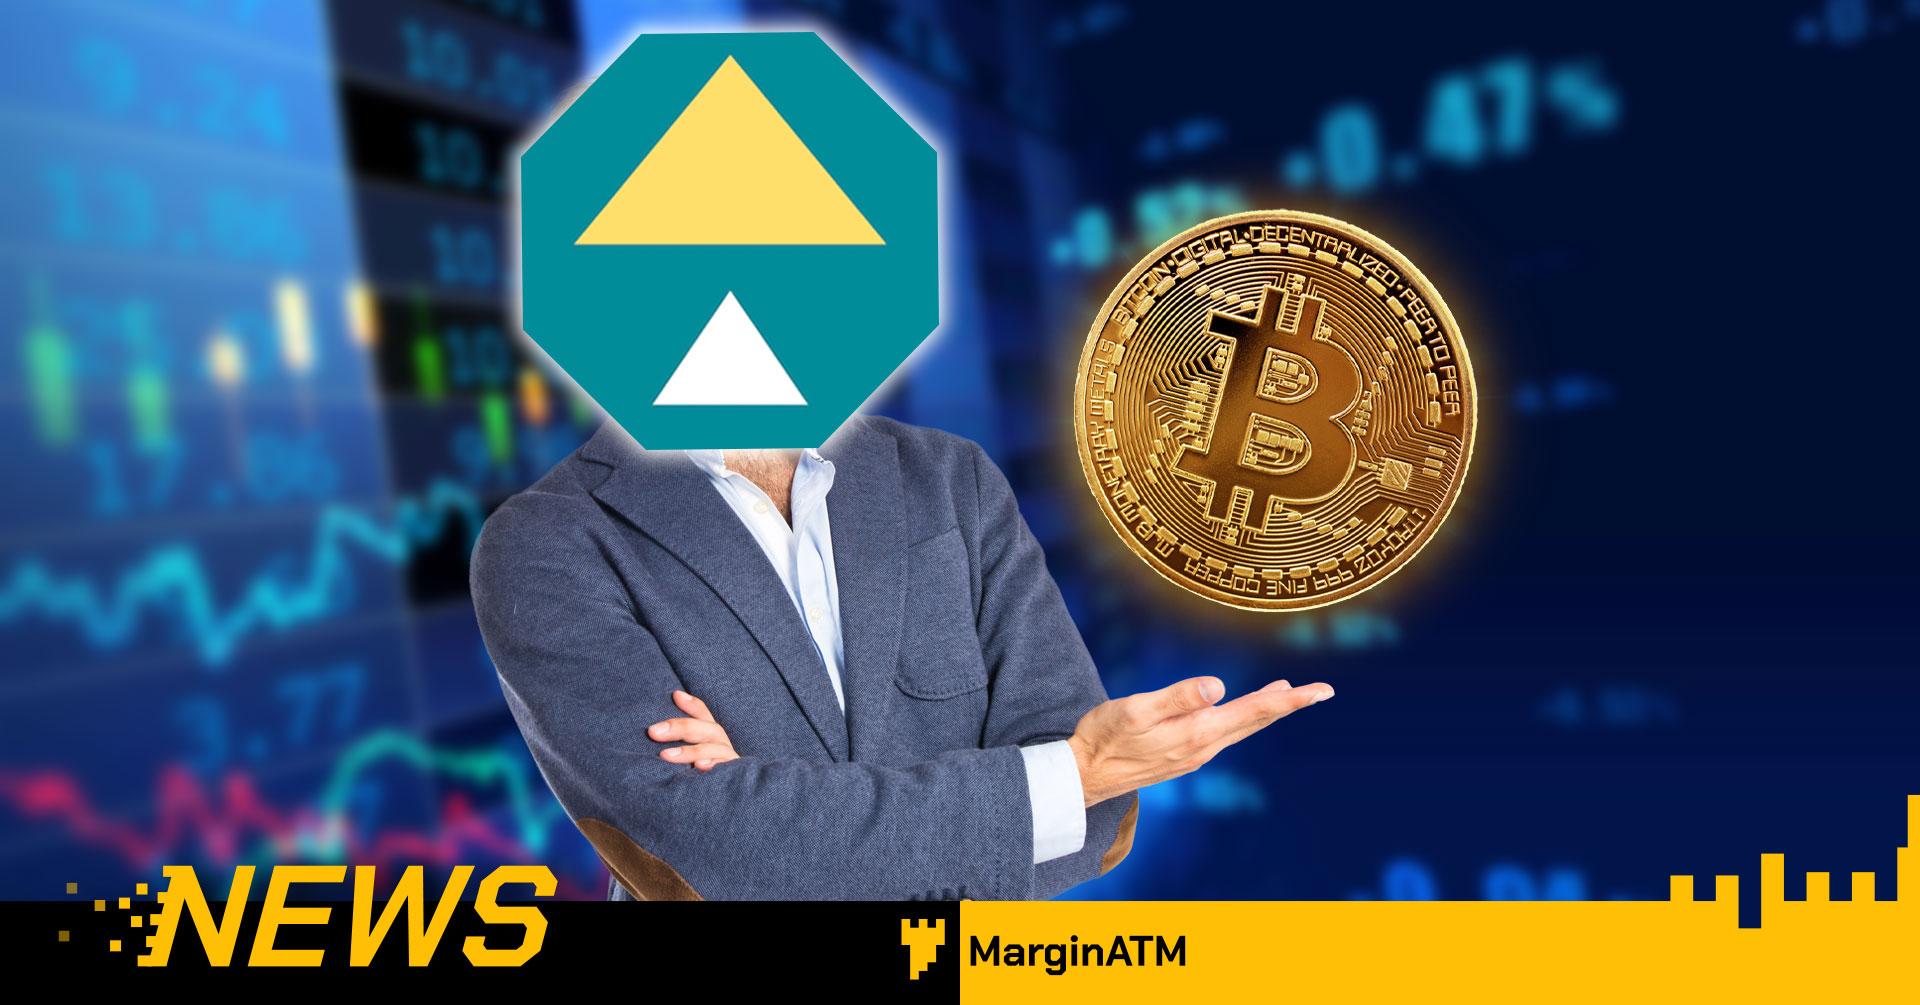 Quỹ đầu cơ 41 tỷ USD GoldenTree xác nhận đang đầu tư vào Bitcoin